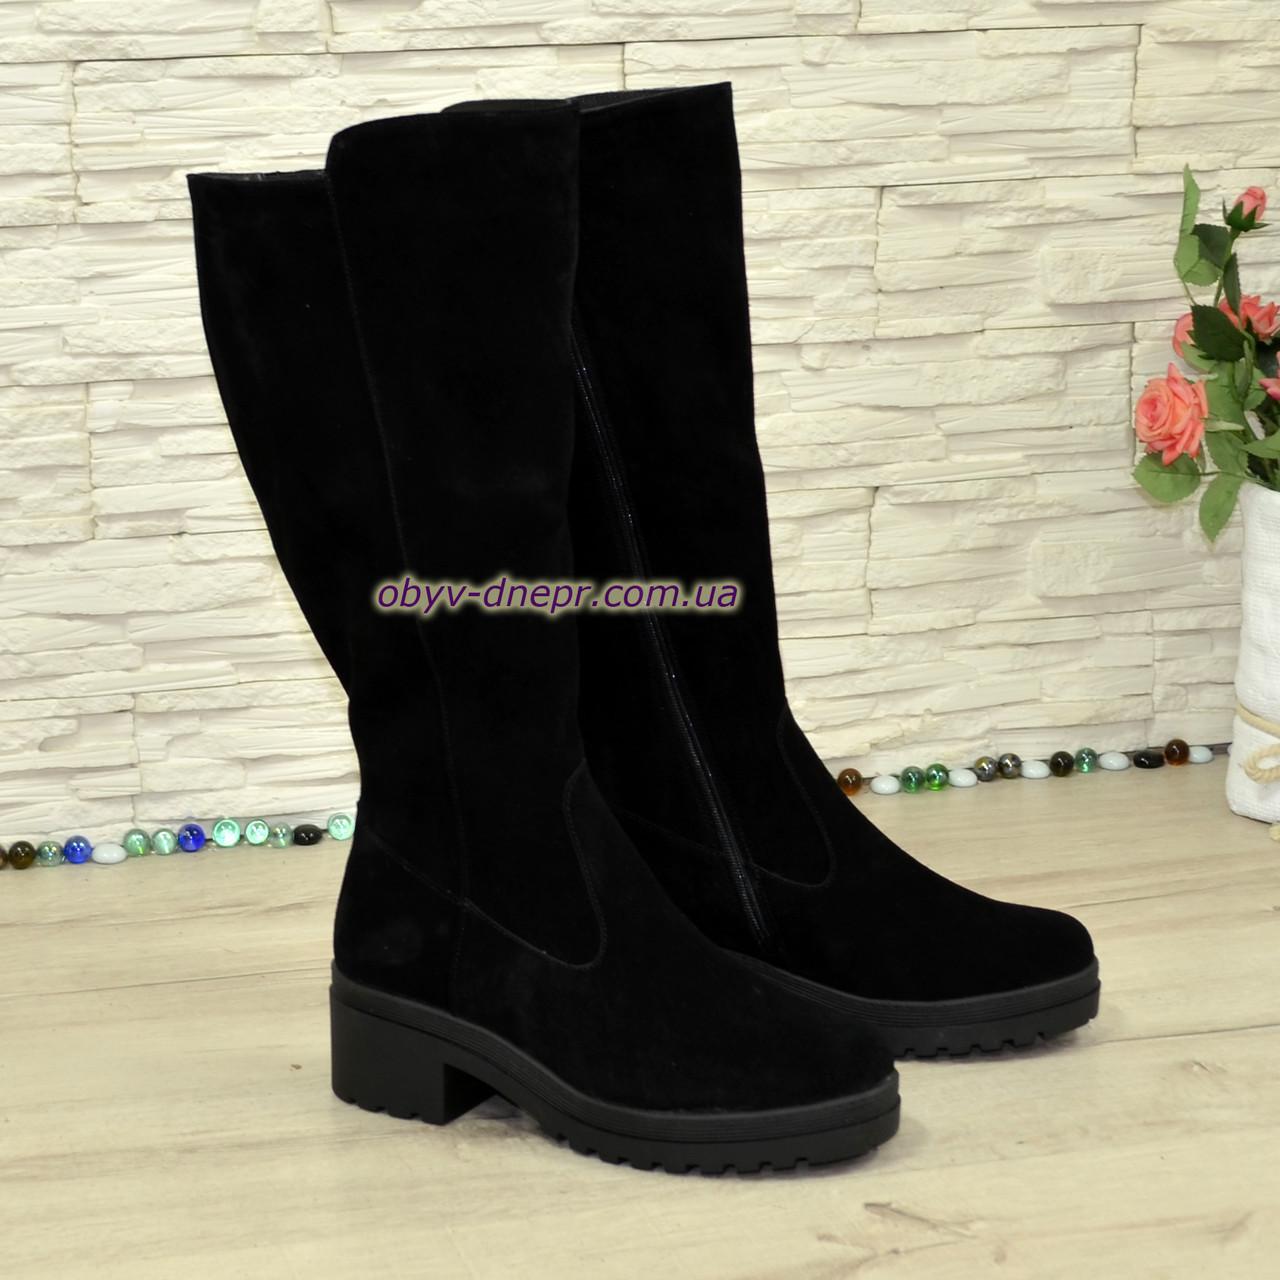 Сапоги женские замшевые зимние на невысоком устойчивом каблуке,цвет черный